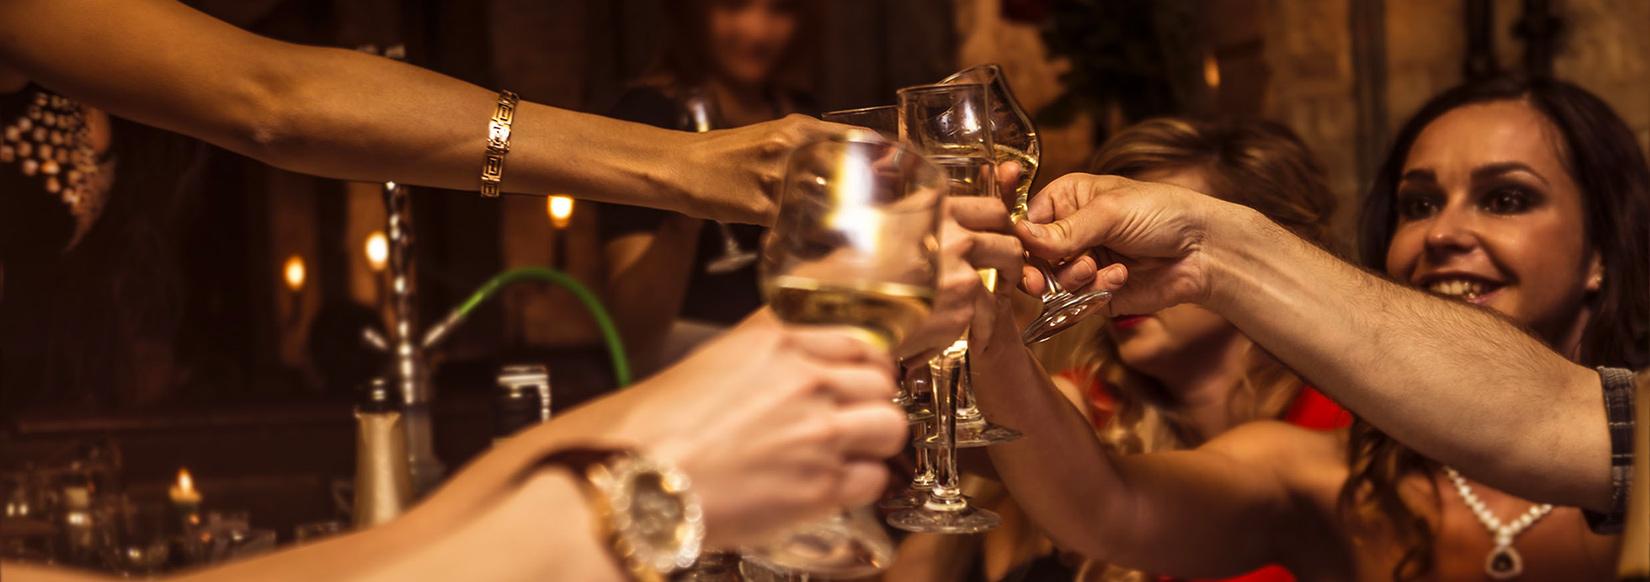 organiser-une-soiree-d'entreprise-entreprise-besancon-25